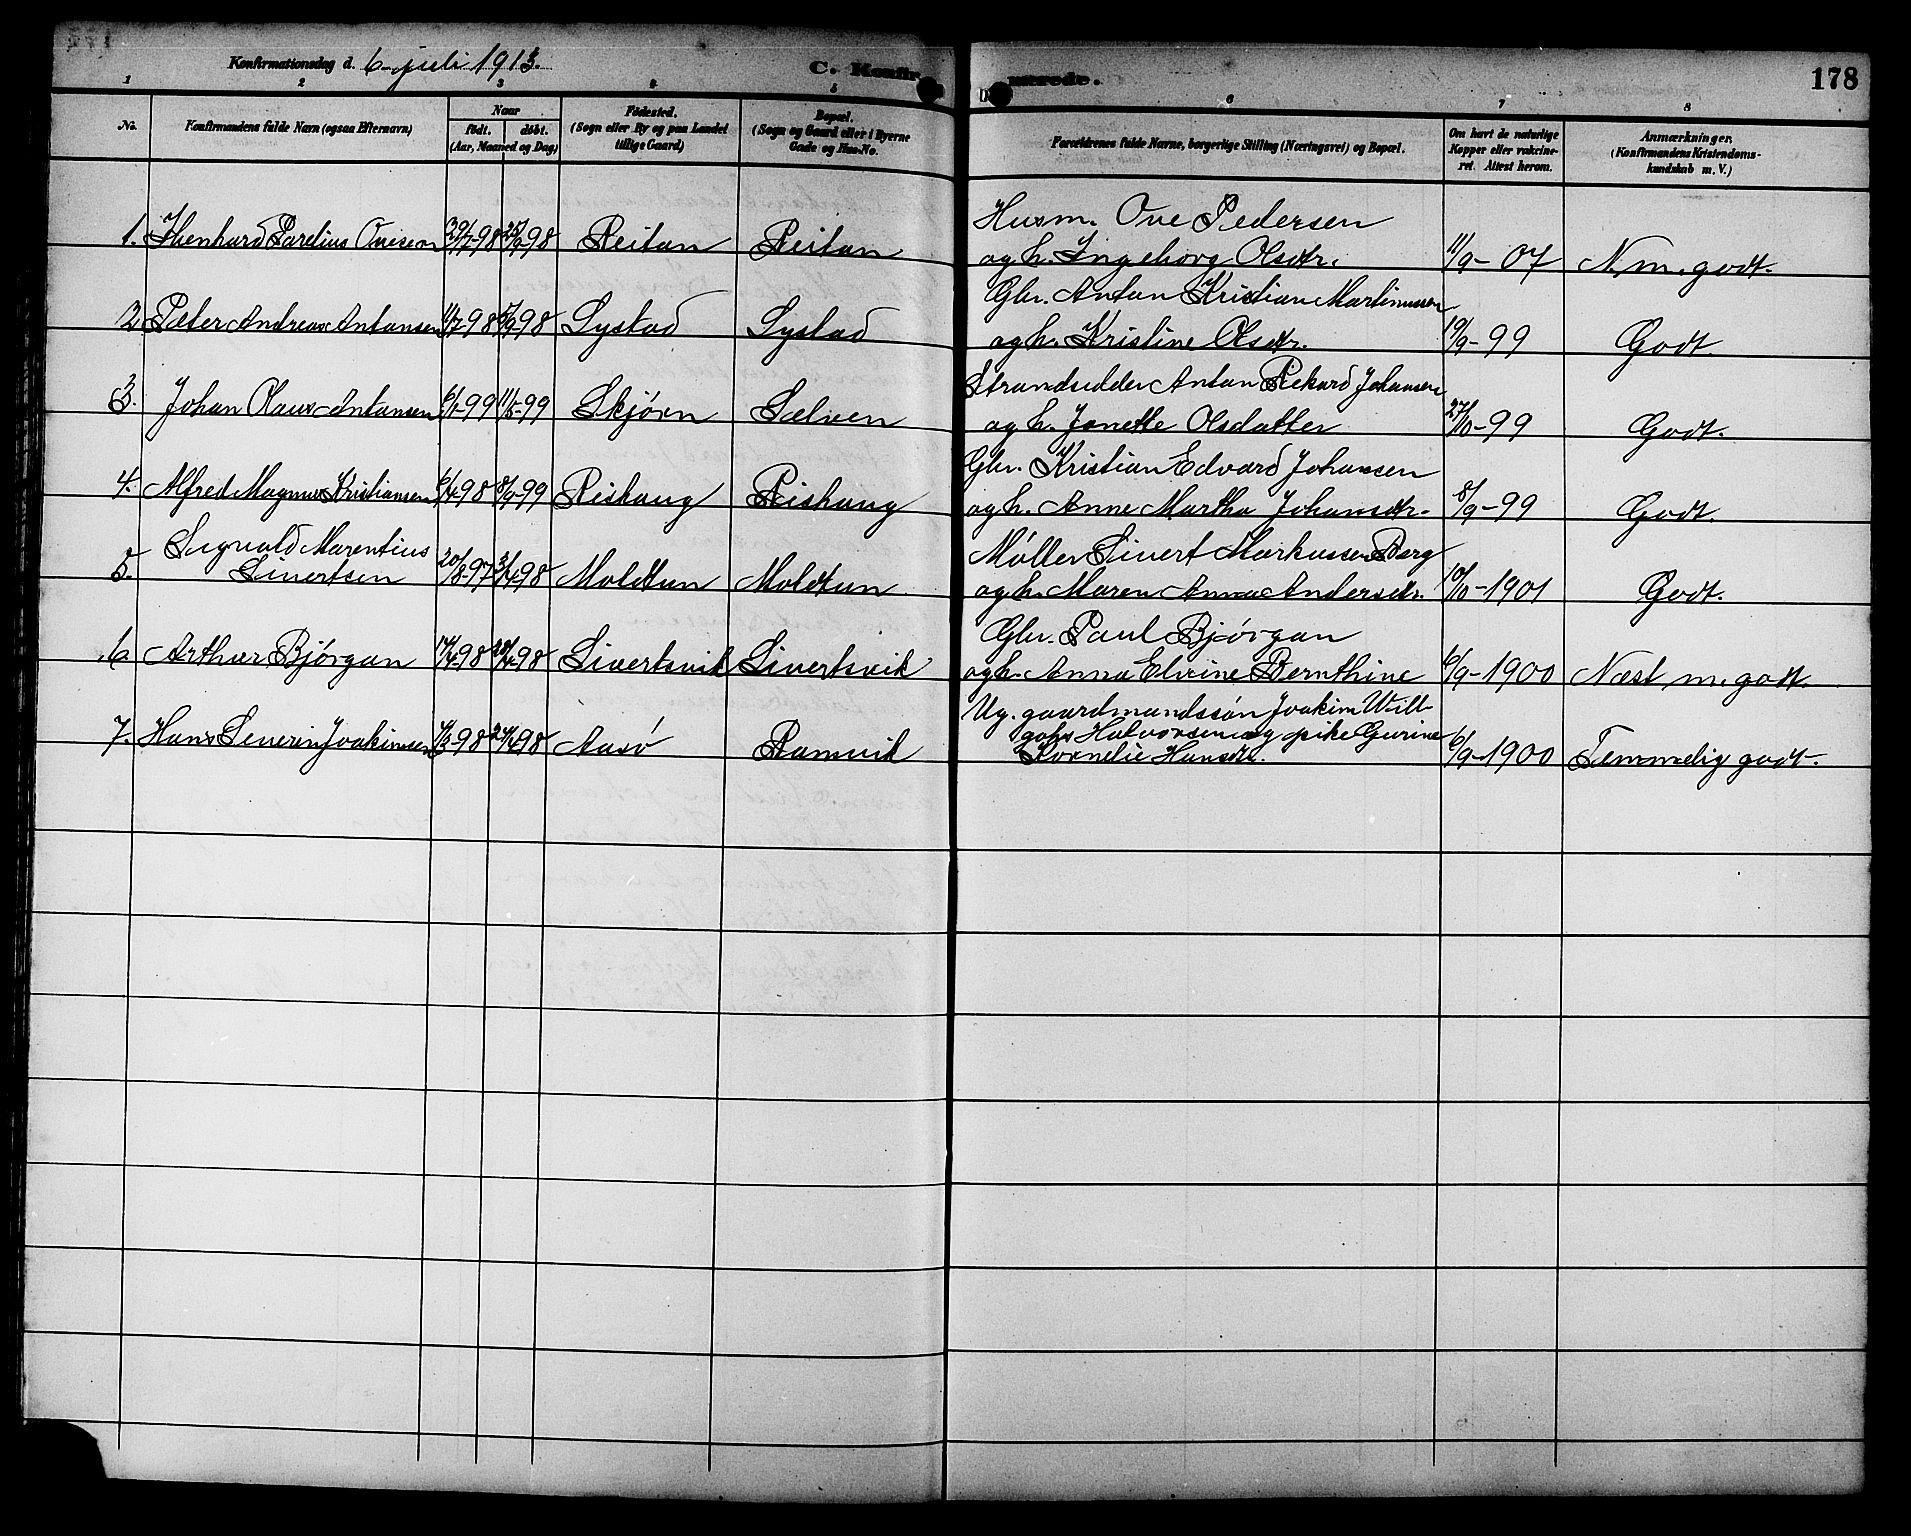 SAT, Ministerialprotokoller, klokkerbøker og fødselsregistre - Sør-Trøndelag, 662/L0757: Klokkerbok nr. 662C02, 1892-1918, s. 178